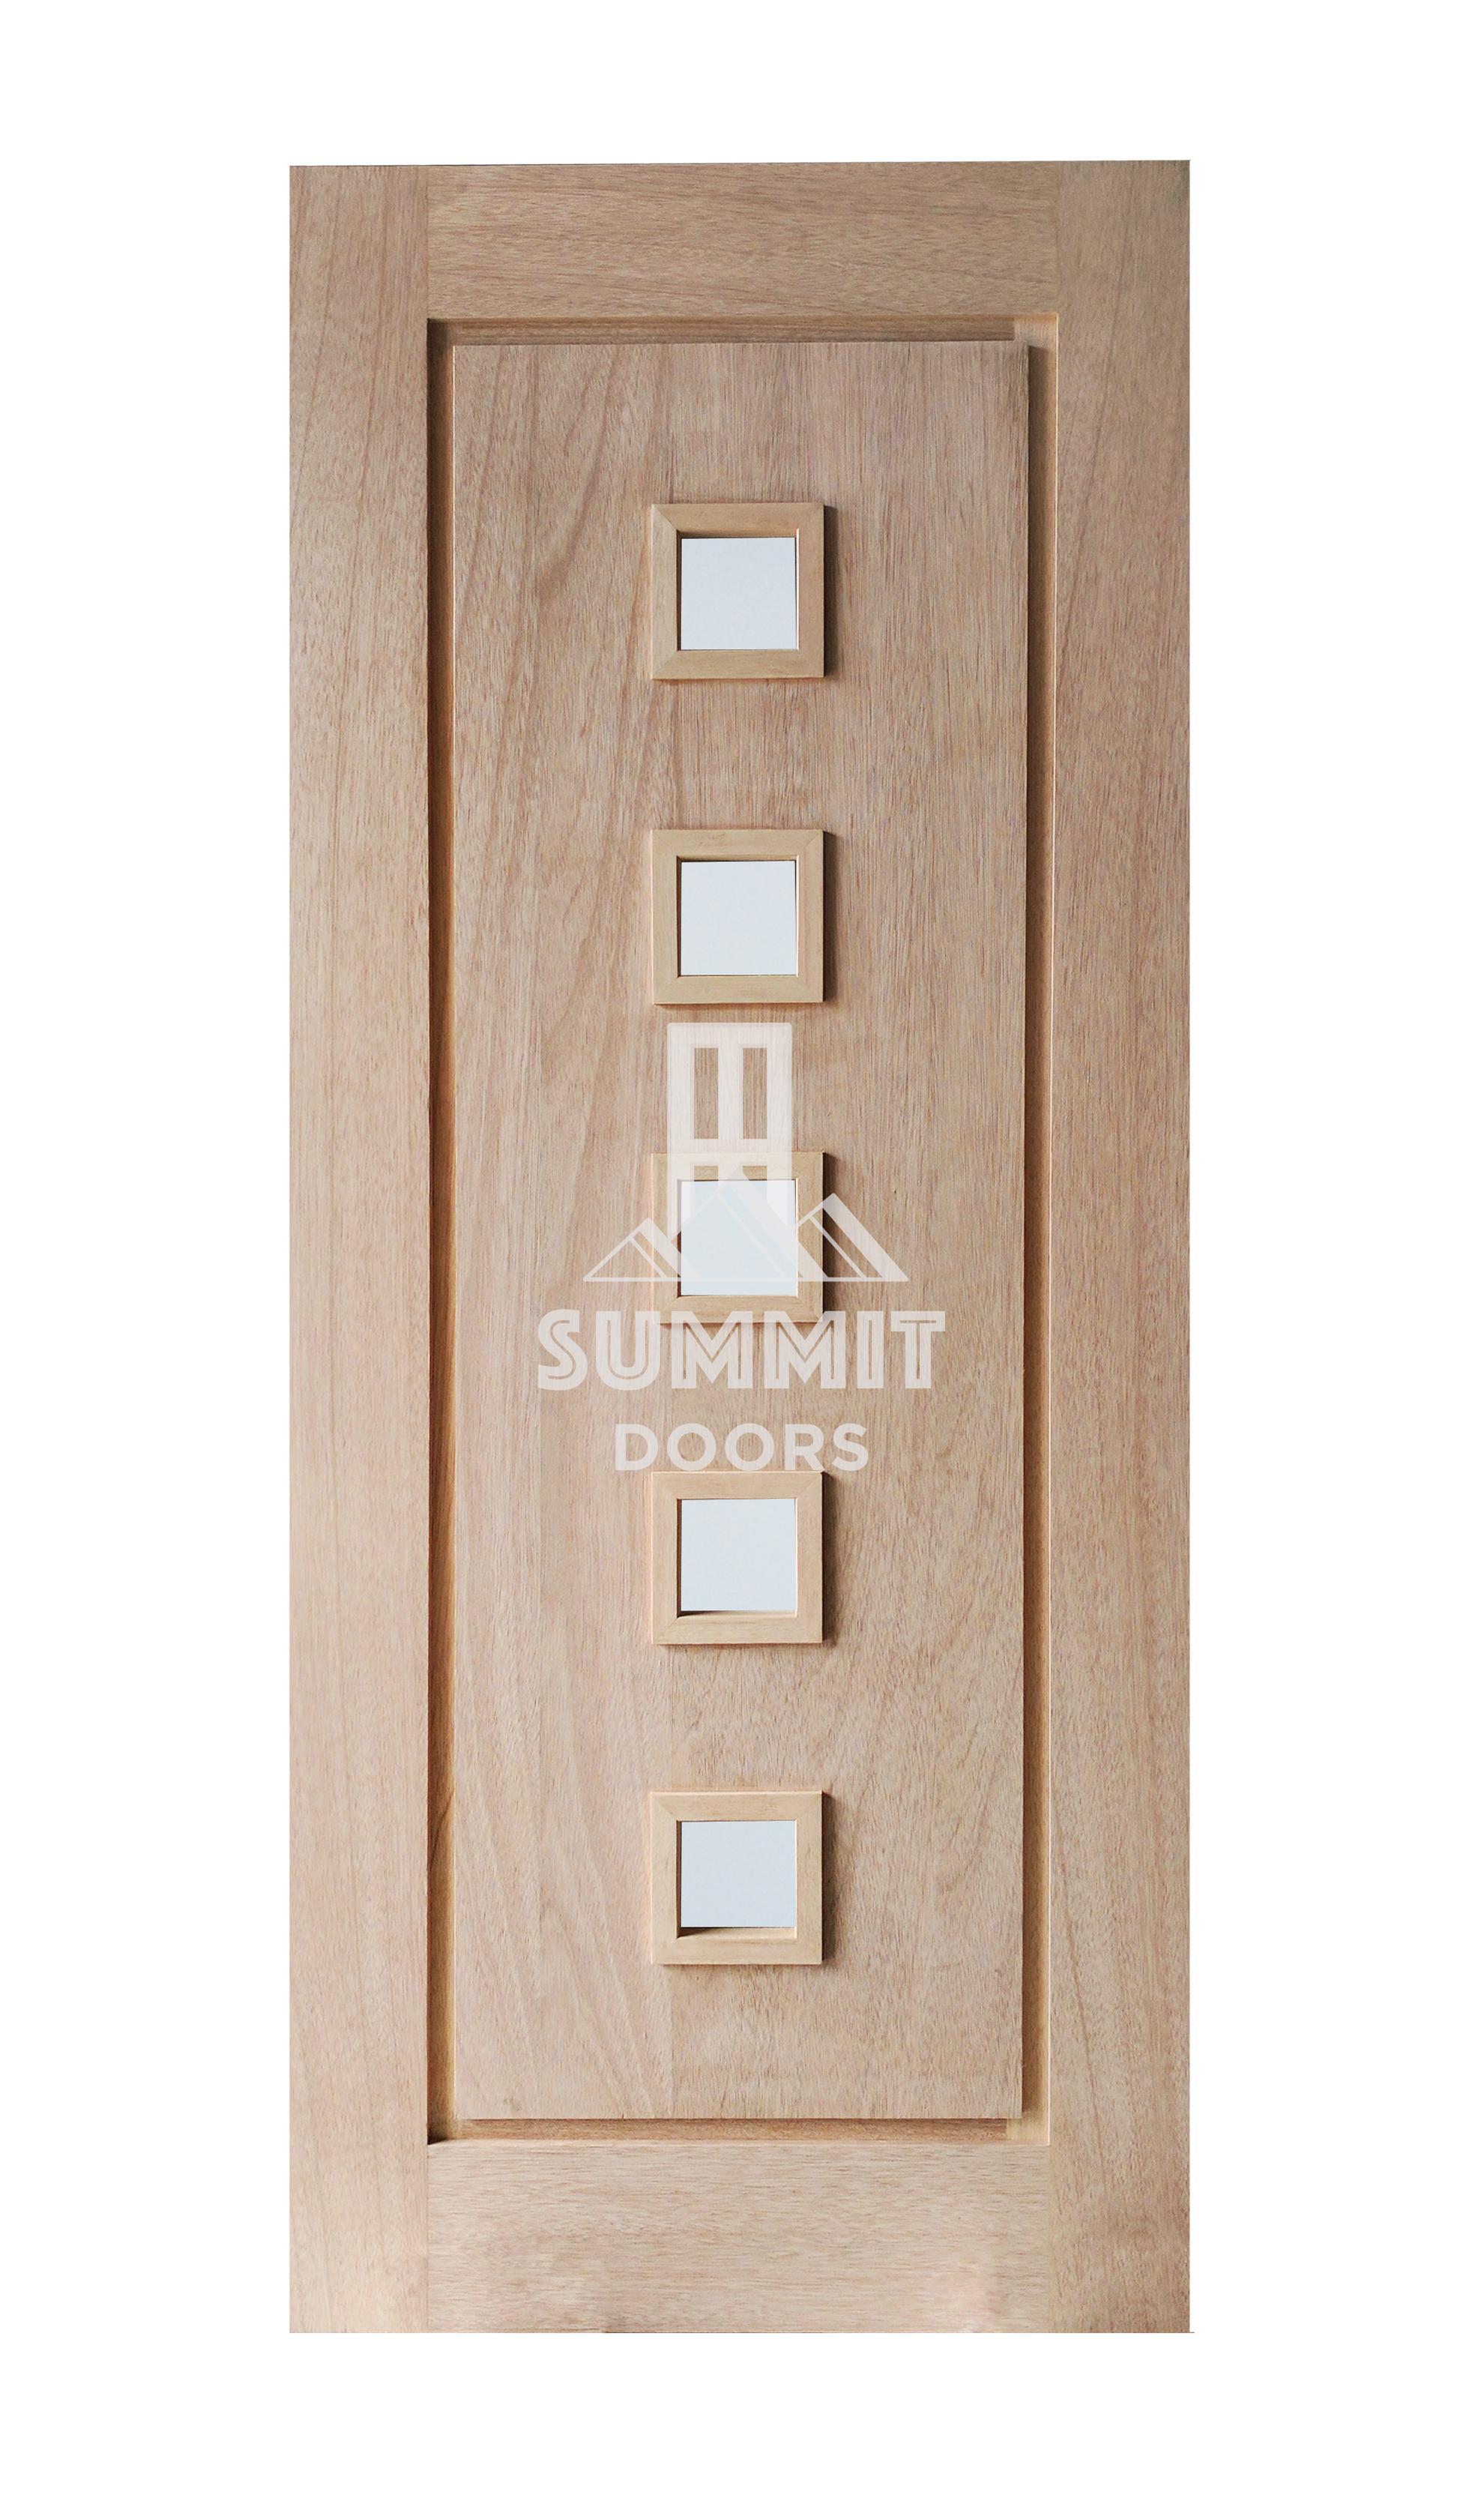 Engineered Solid Timber Doors Heidelberg West Melbourne Victoria